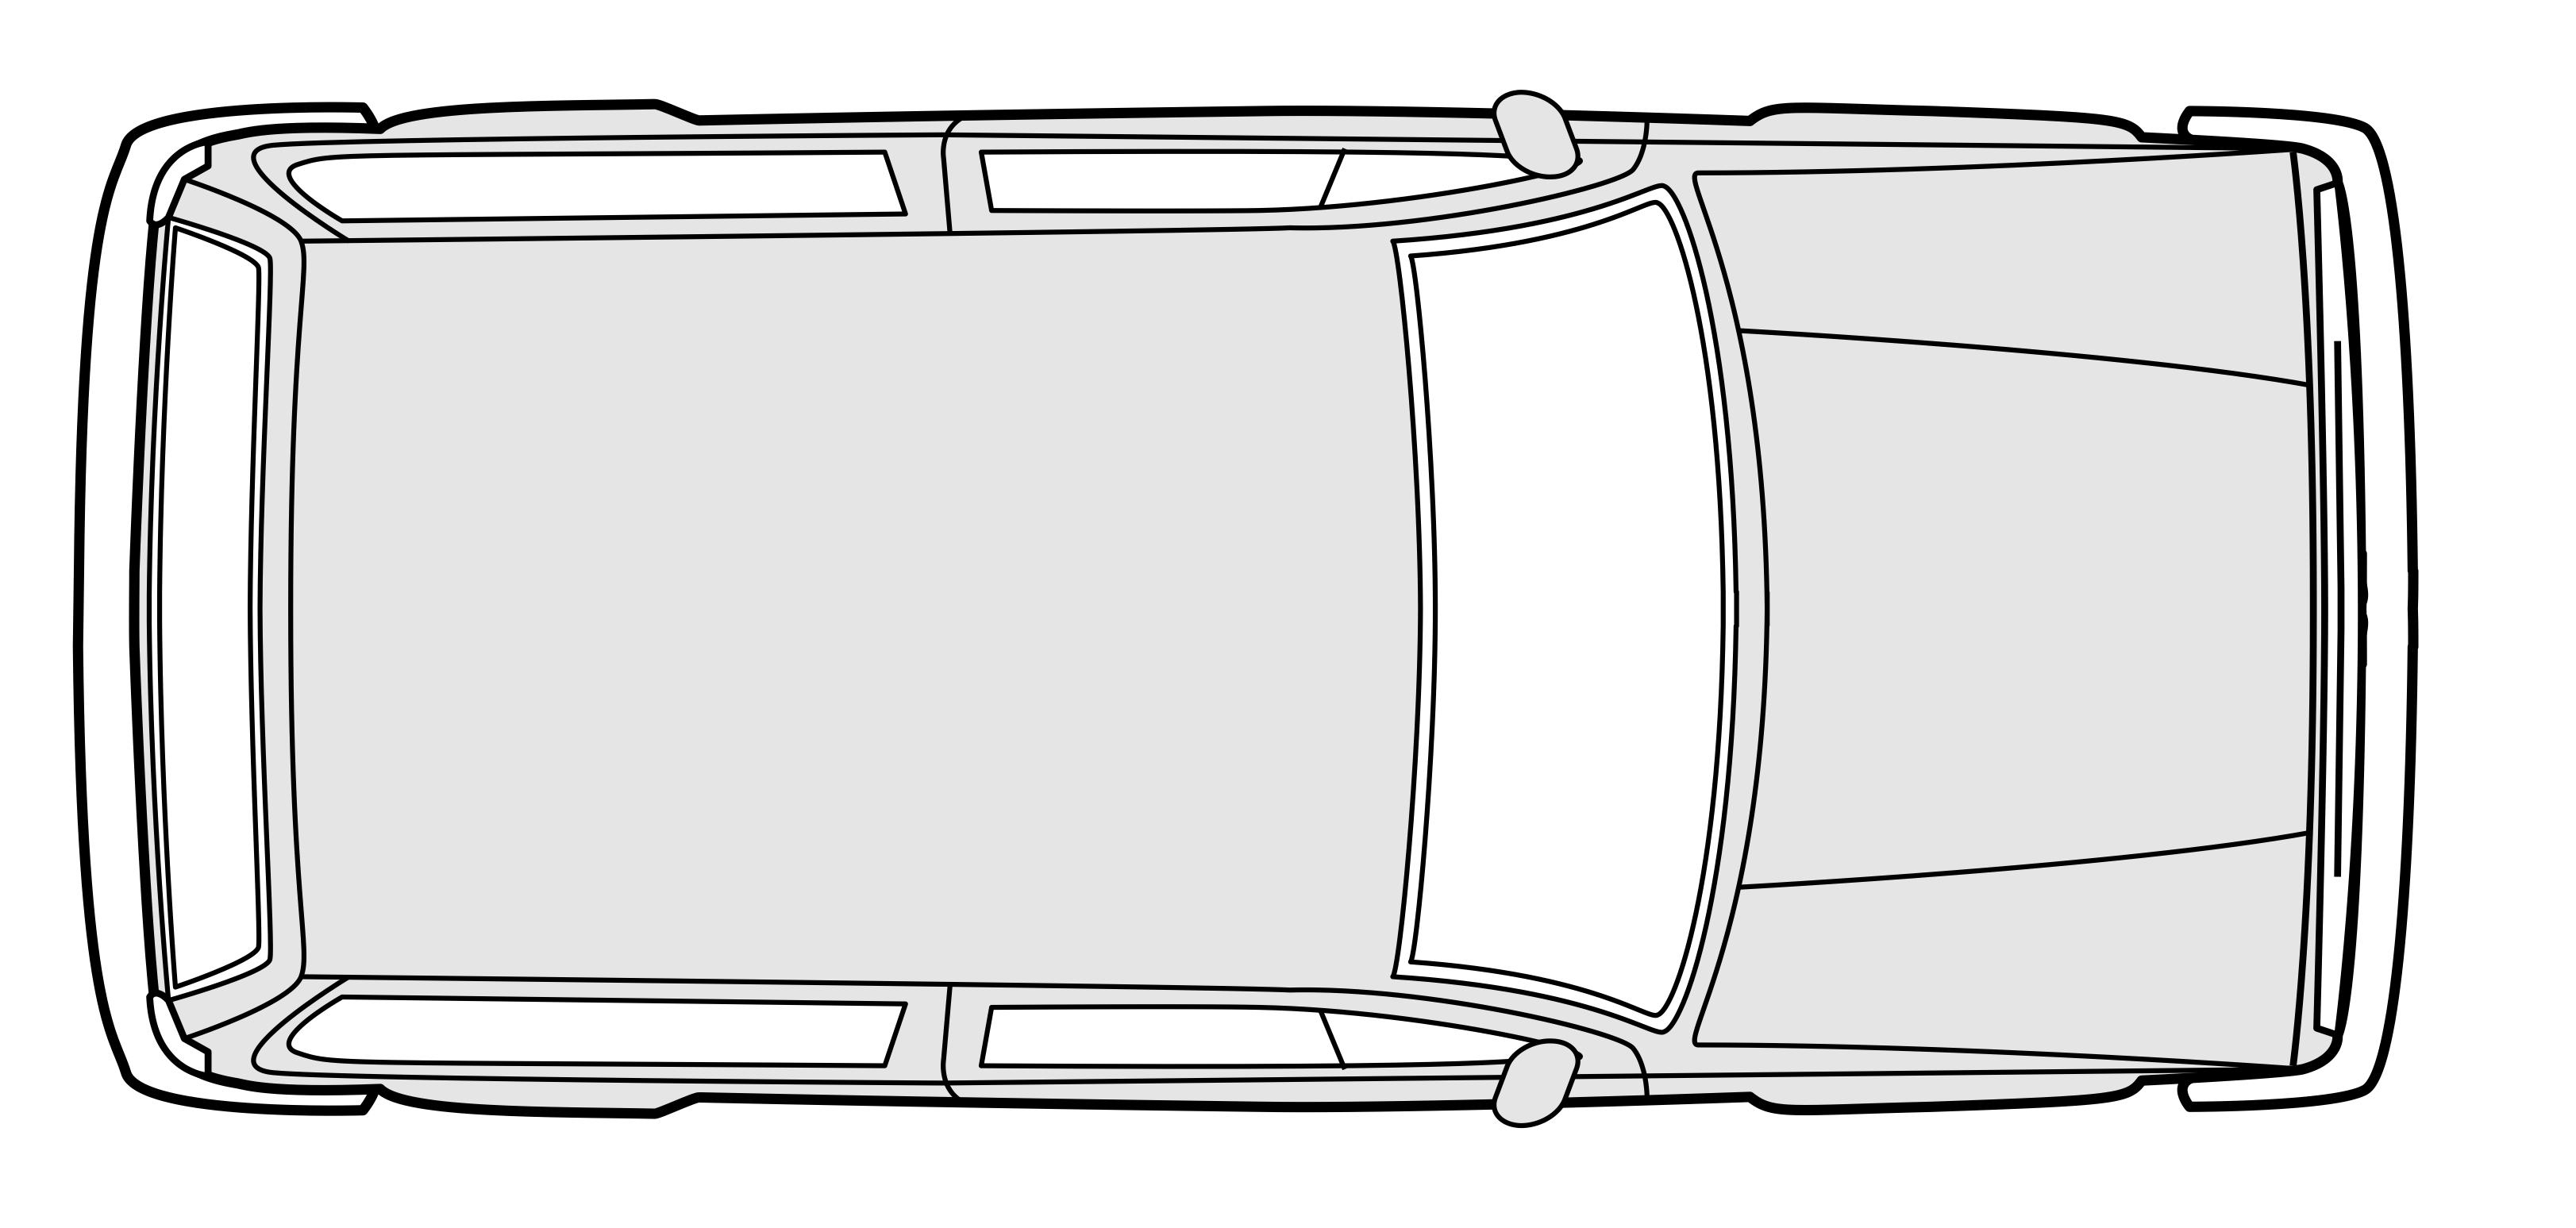 Auto von obendrauf Ansicht! - pagenstecher.de - Deine Automeile im Netz